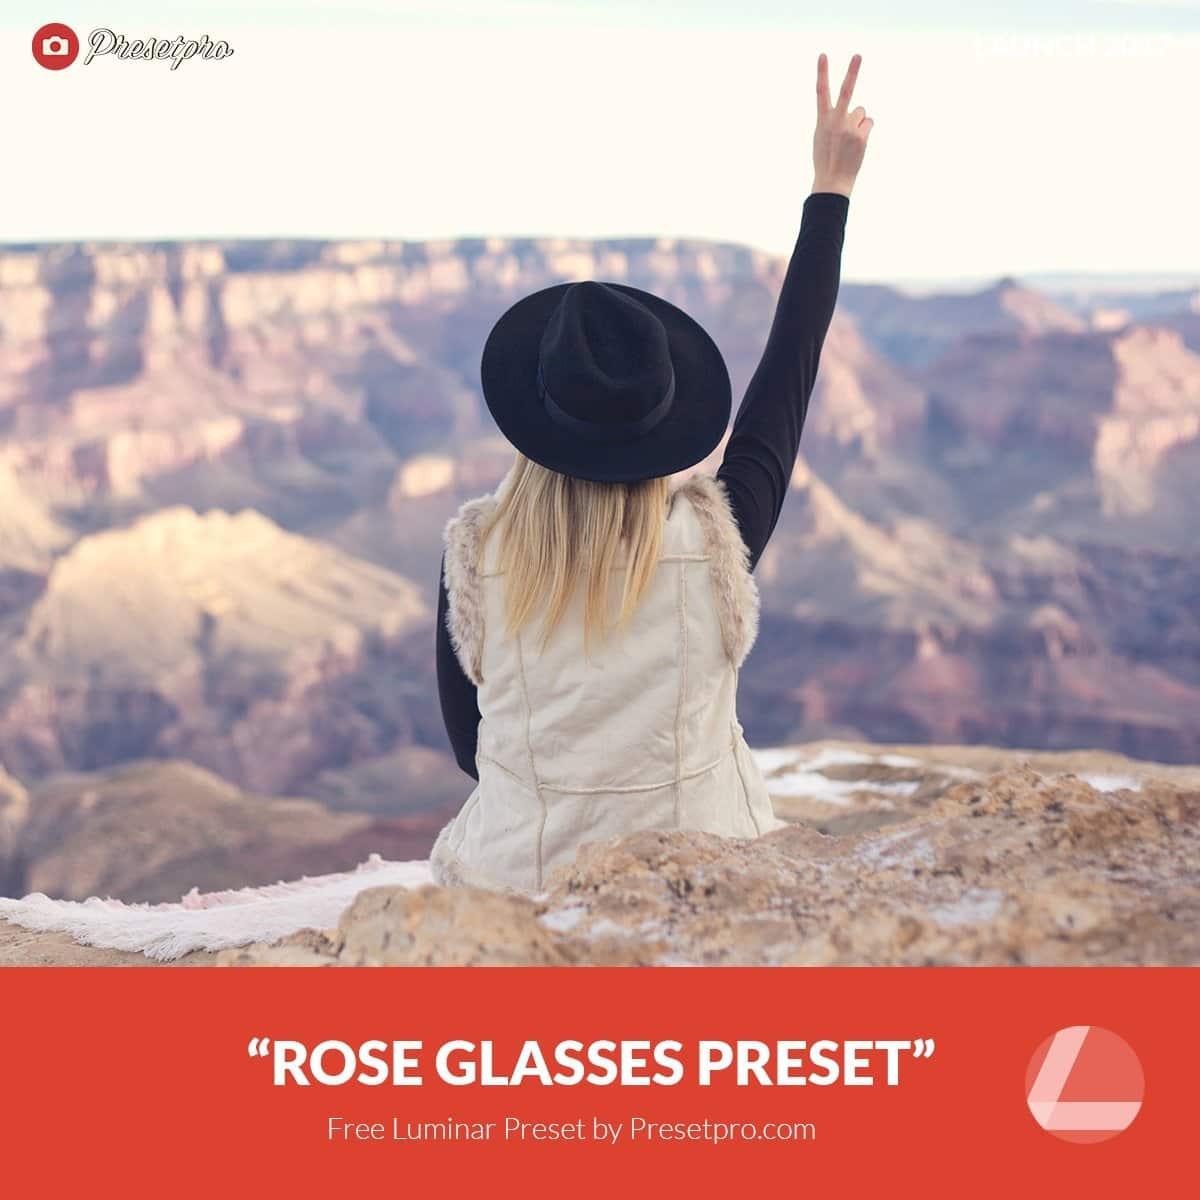 Free-Luminar-Preset-Rose-Glasses-Presetpro.com